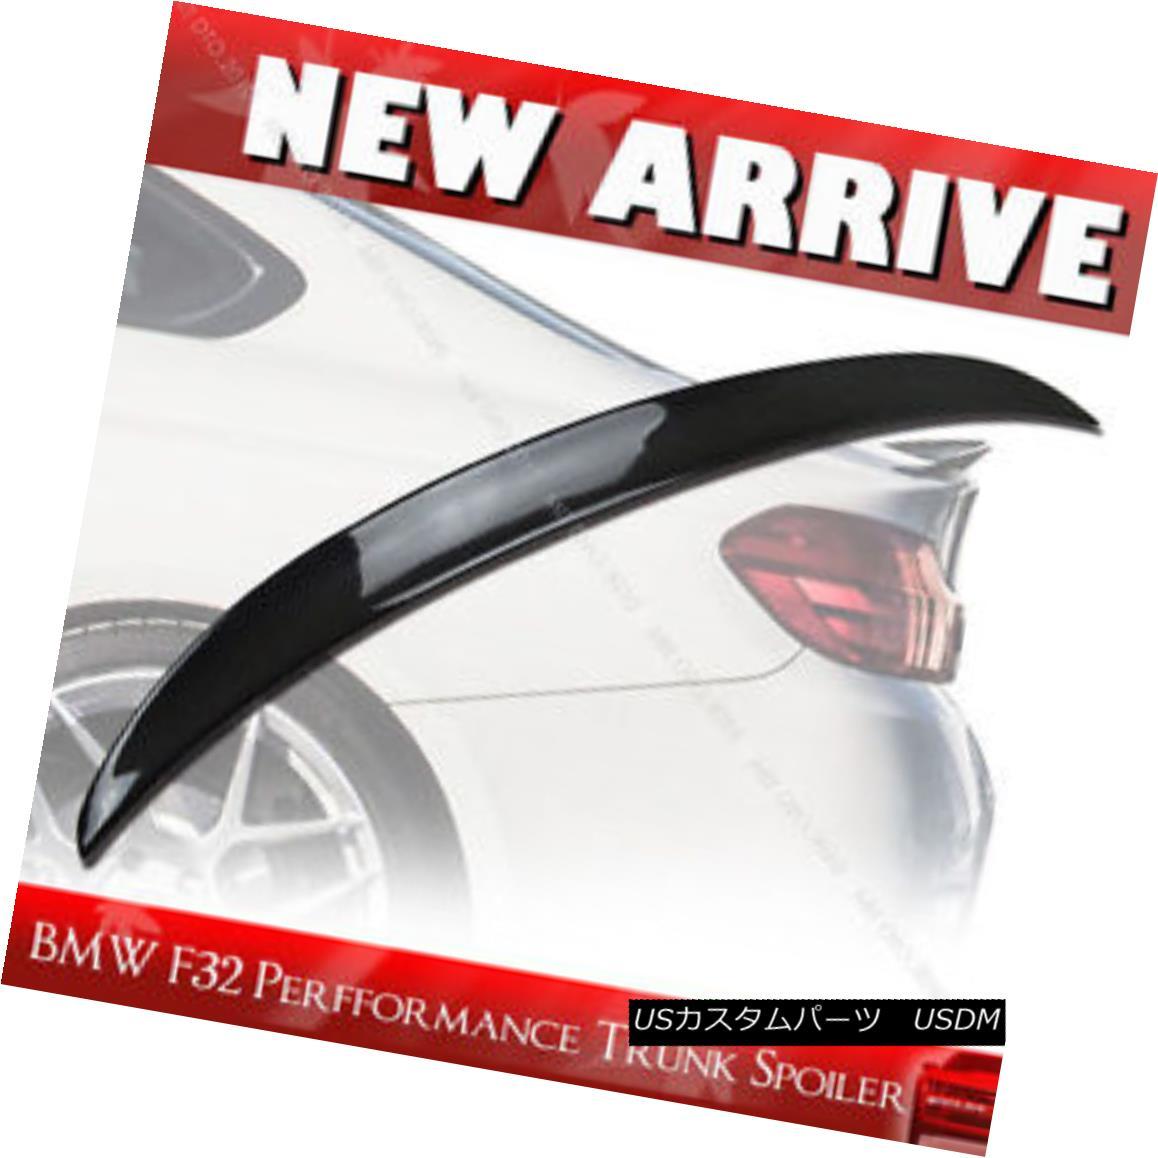 エアロパーツ Carbon For BMW F32 2DR Coupe Performance Trunk Spoiler Wing 420i 435i xDrive カーボン用BMW F32 2DRクーペパフォーマンストランク・スポイラーウィング420i 435i xDrive